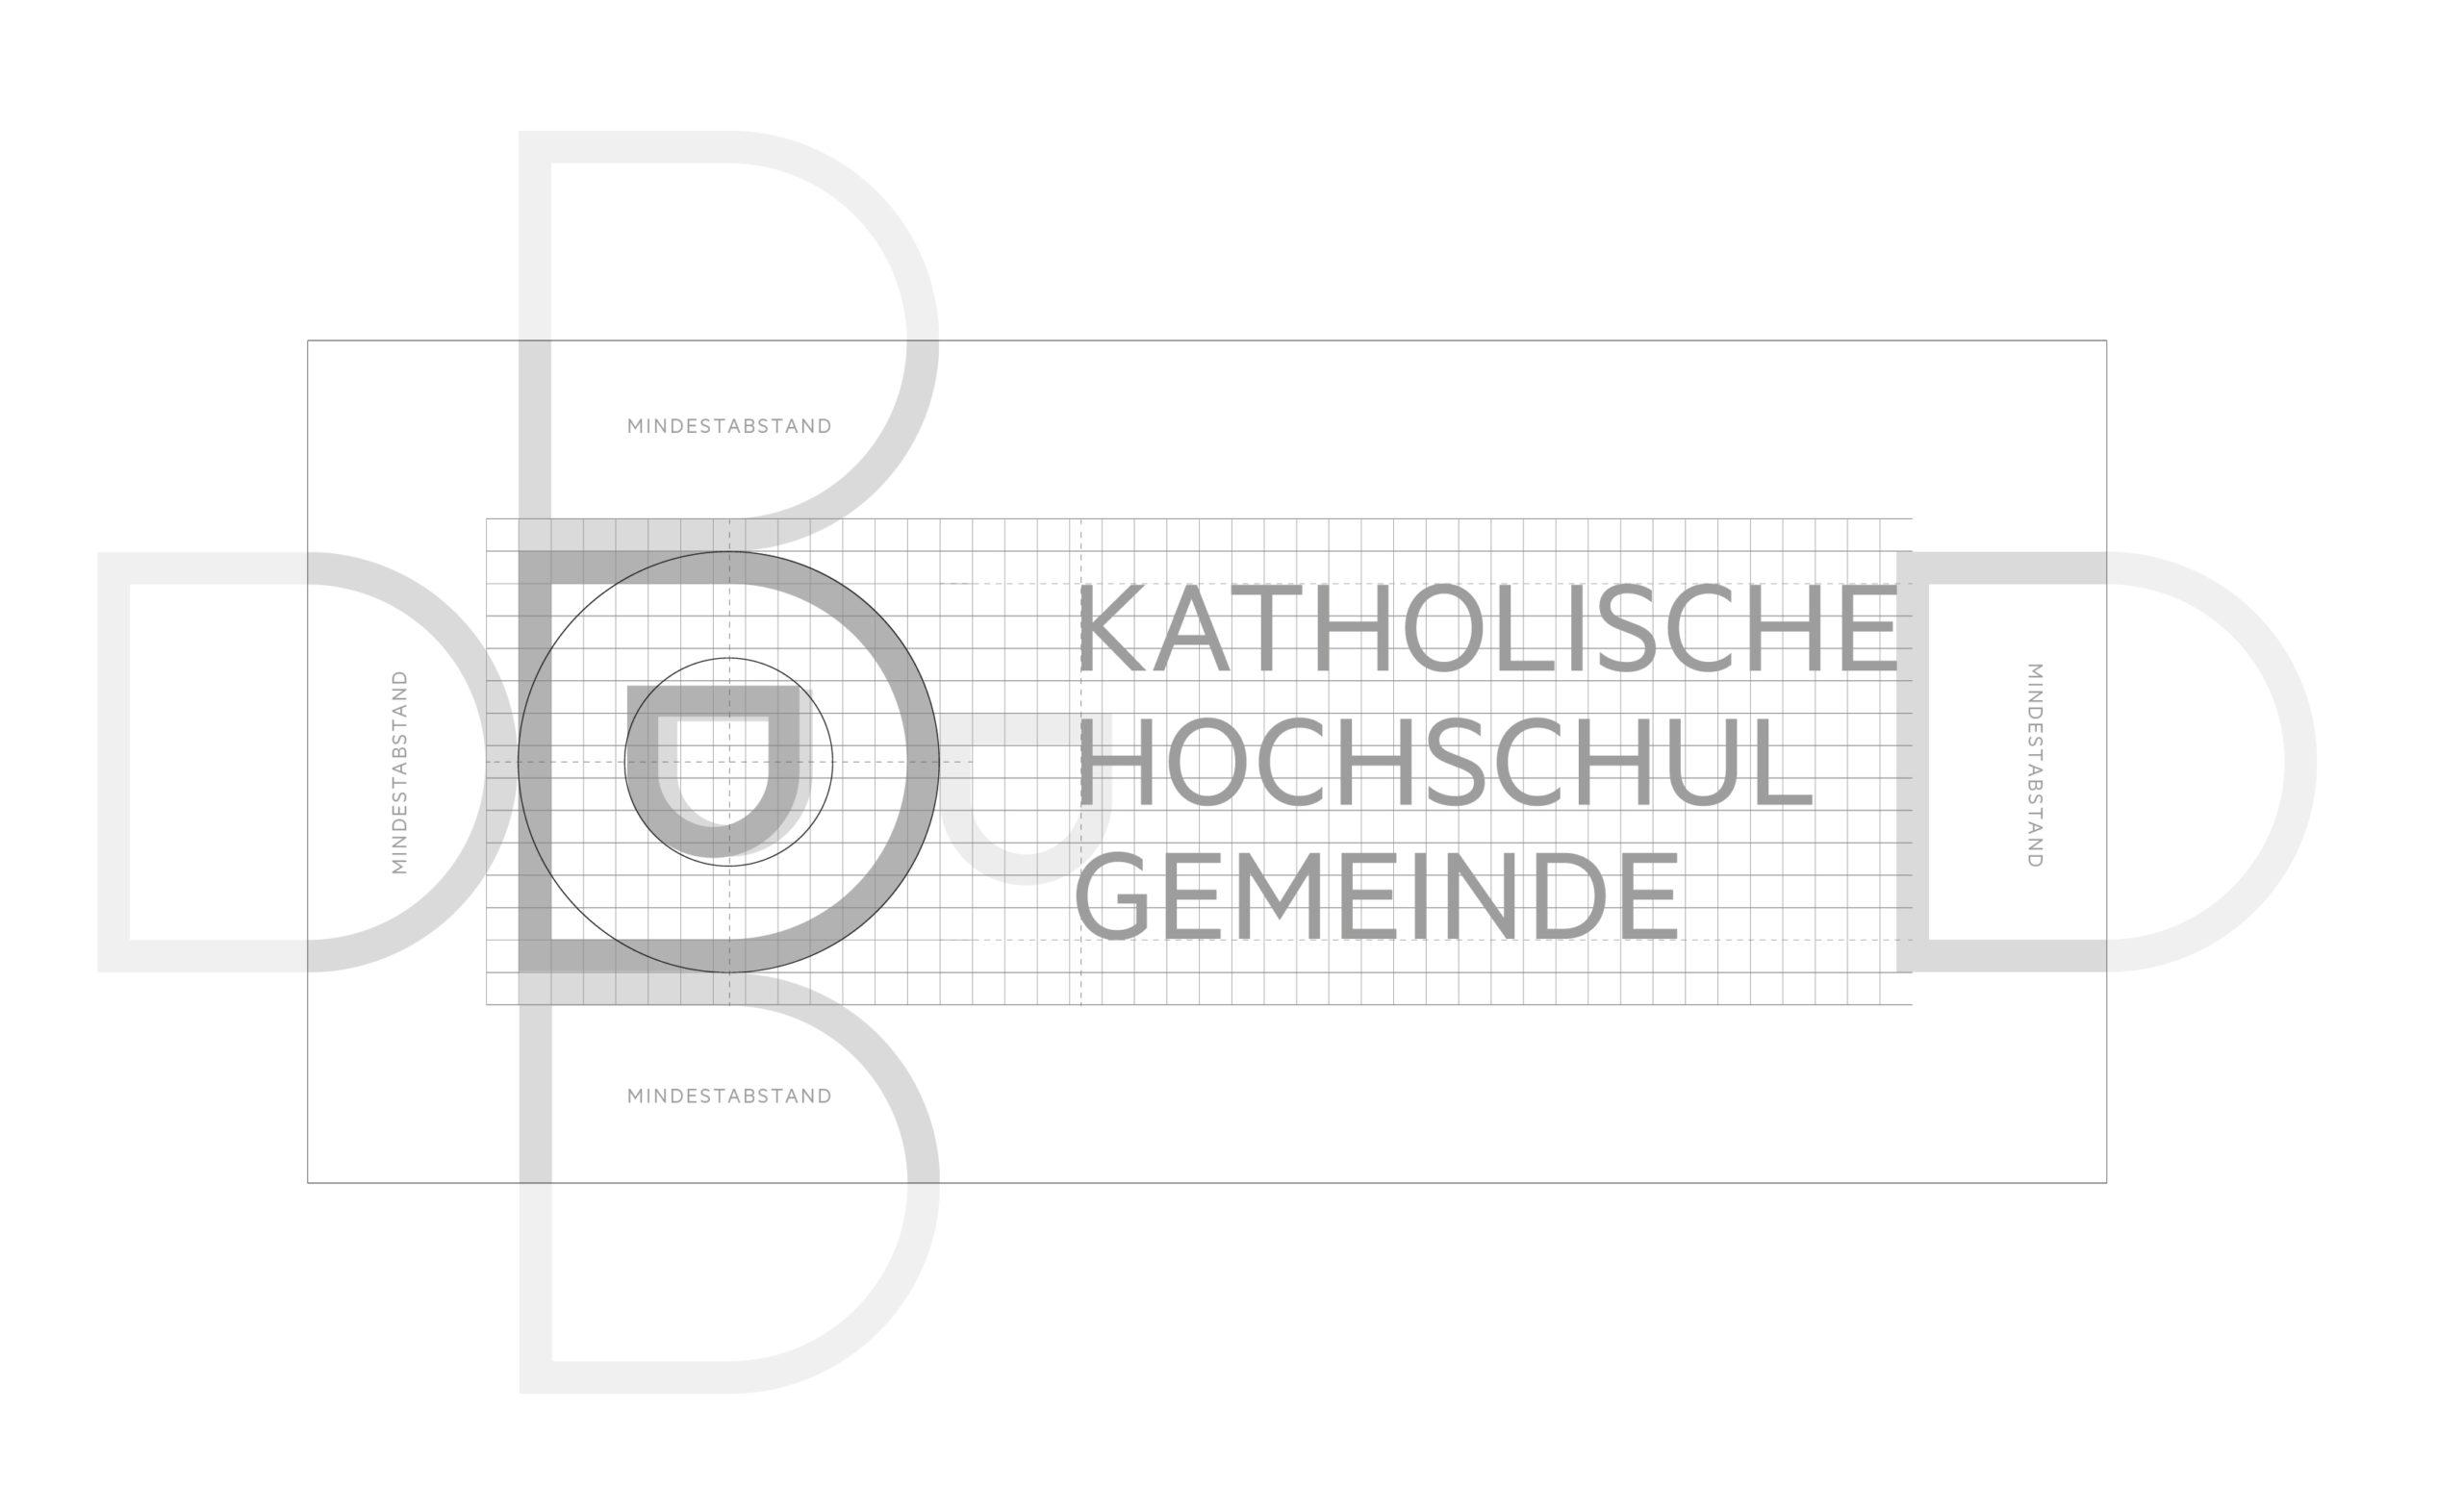 Katholische Hochschulgemeinde Düsseldorf Corporate Design Logo Konstruktion und Schutzzone